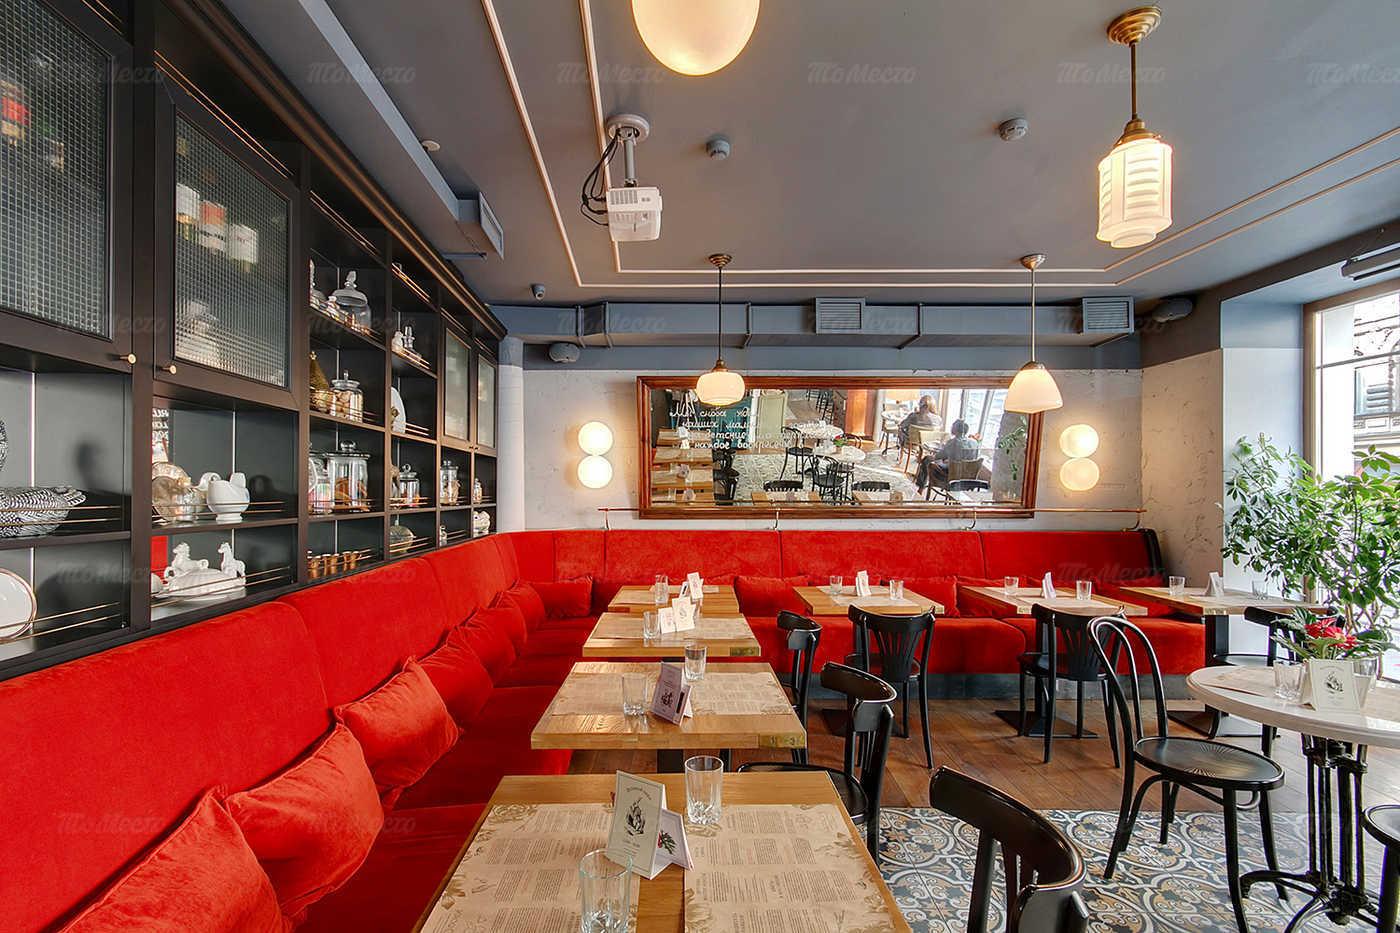 Ресторан Kroo Cafe (Кроо кафе) на Суворовском проспекте